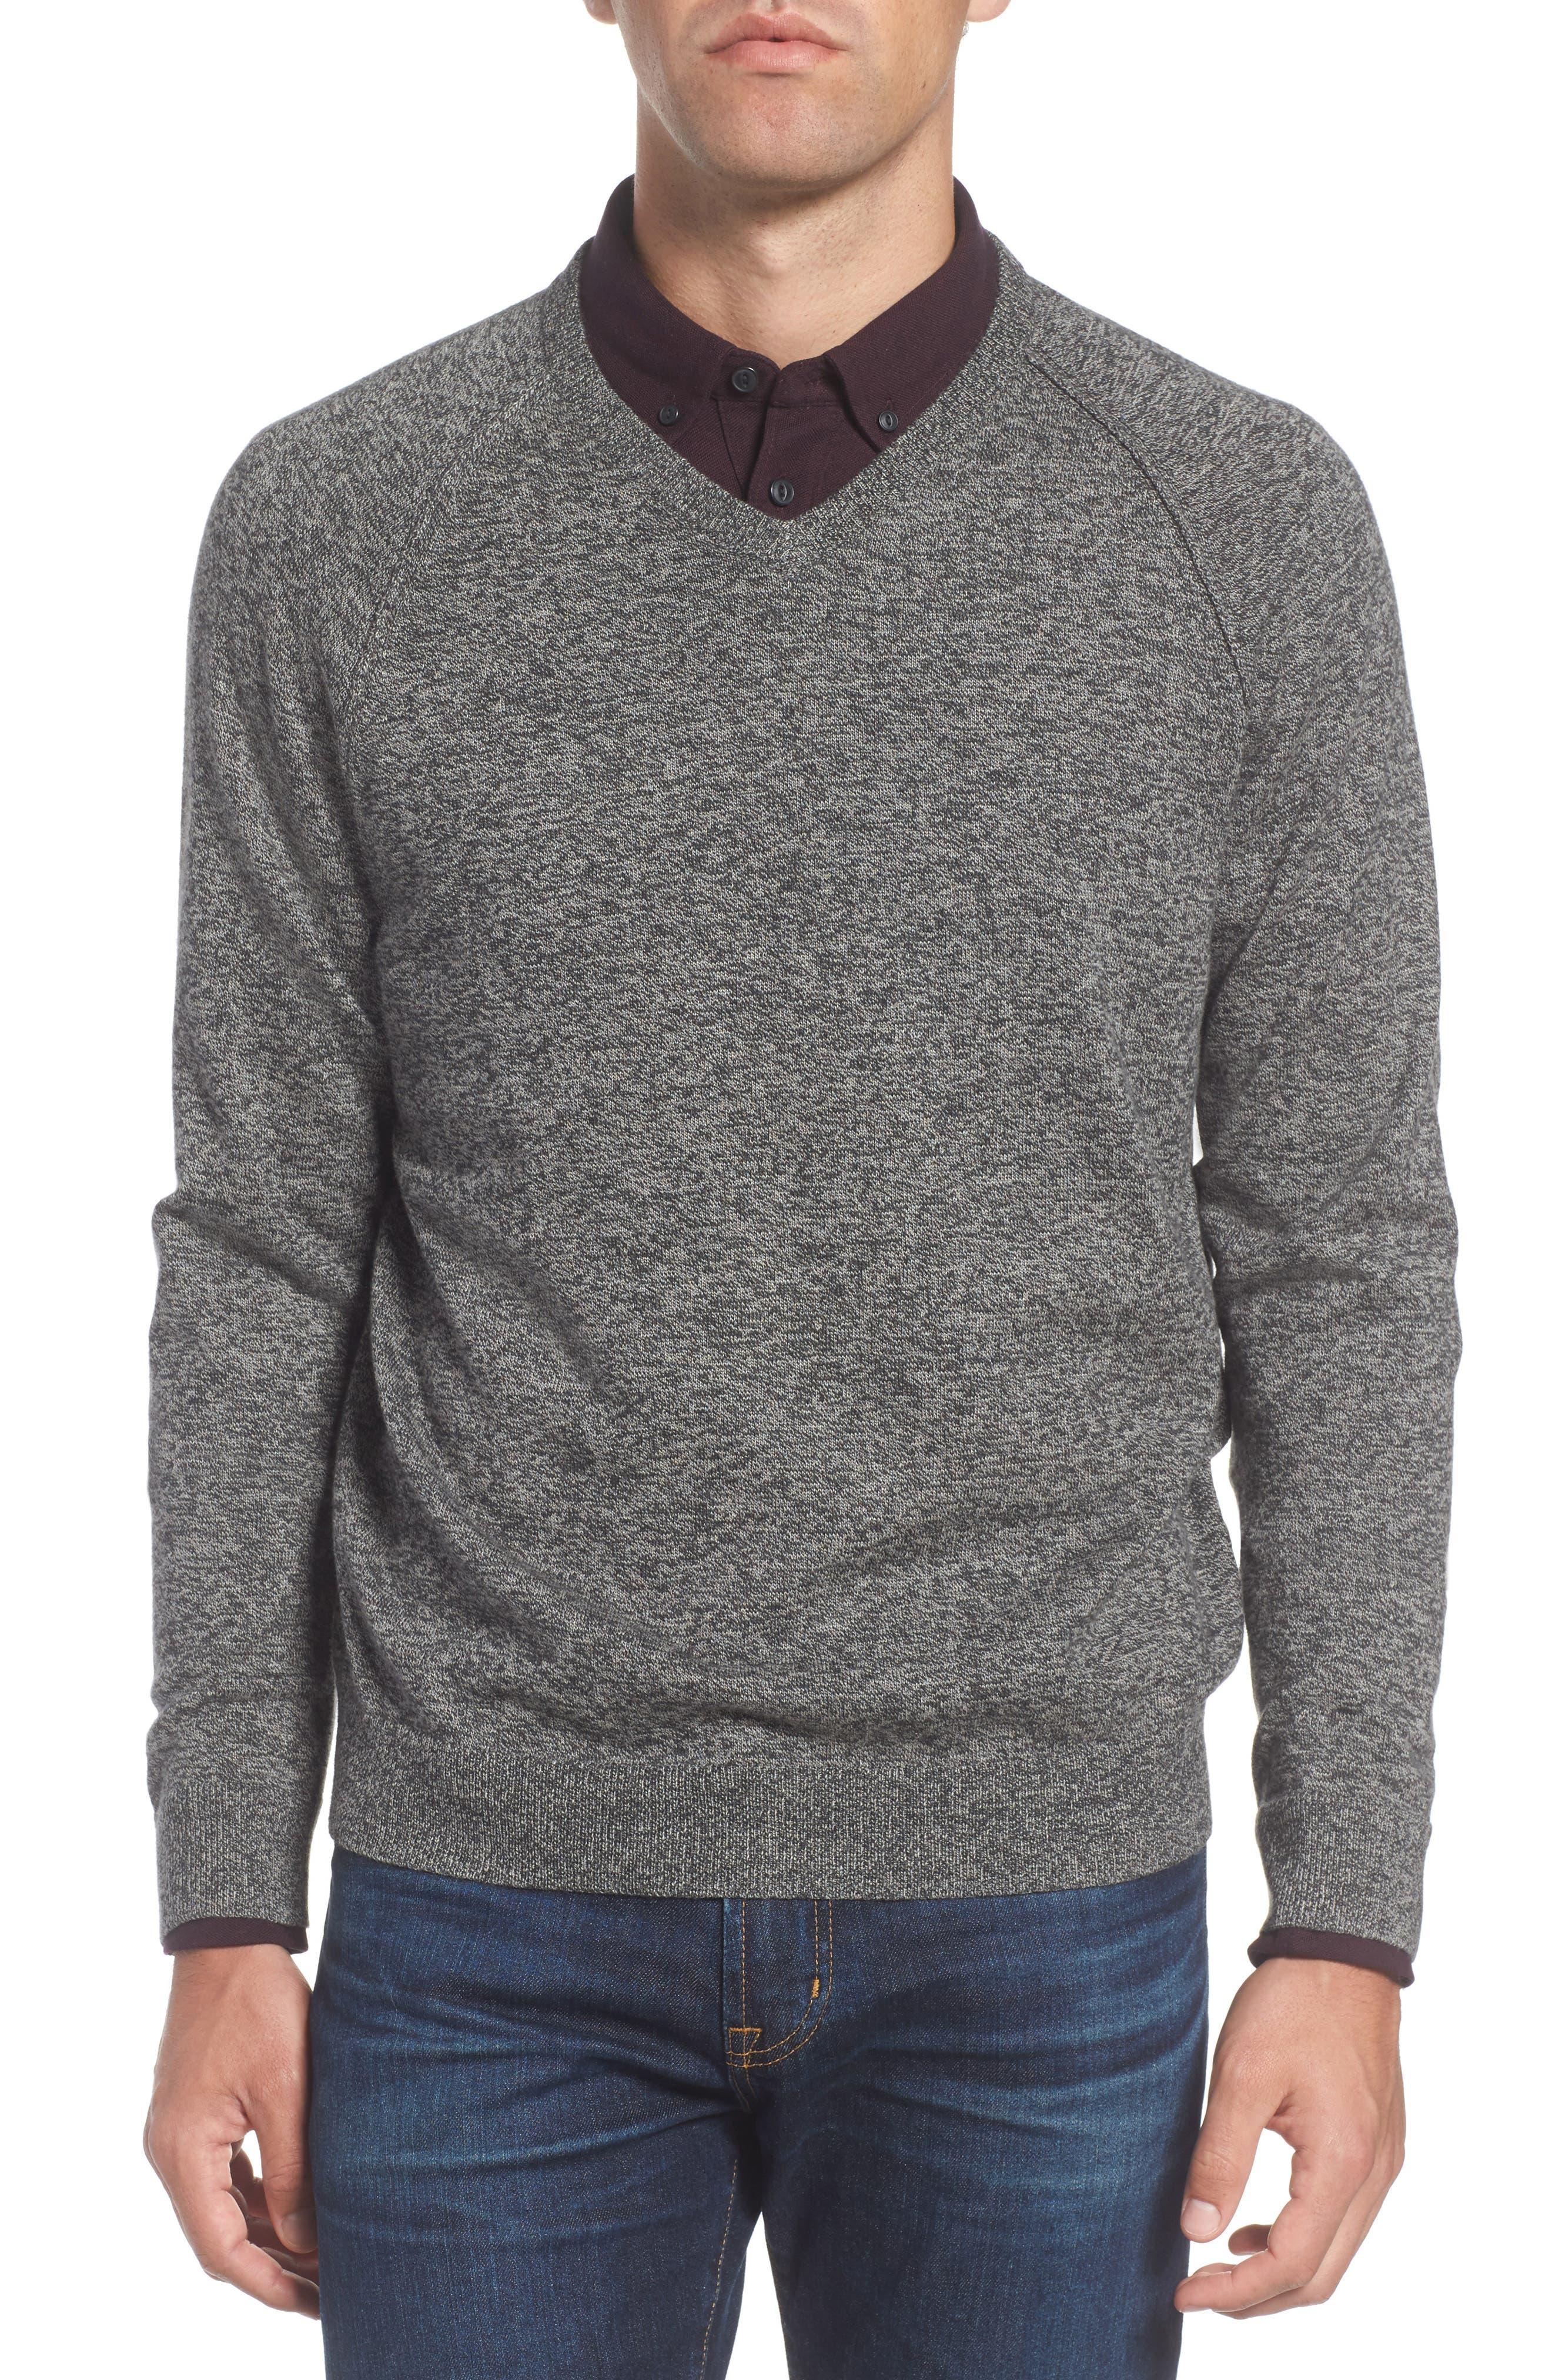 Alternate Image 1 Selected - Nordstrom Men's Shop Saddle Shoulder Cotton & Cashmere V-Neck Sweater